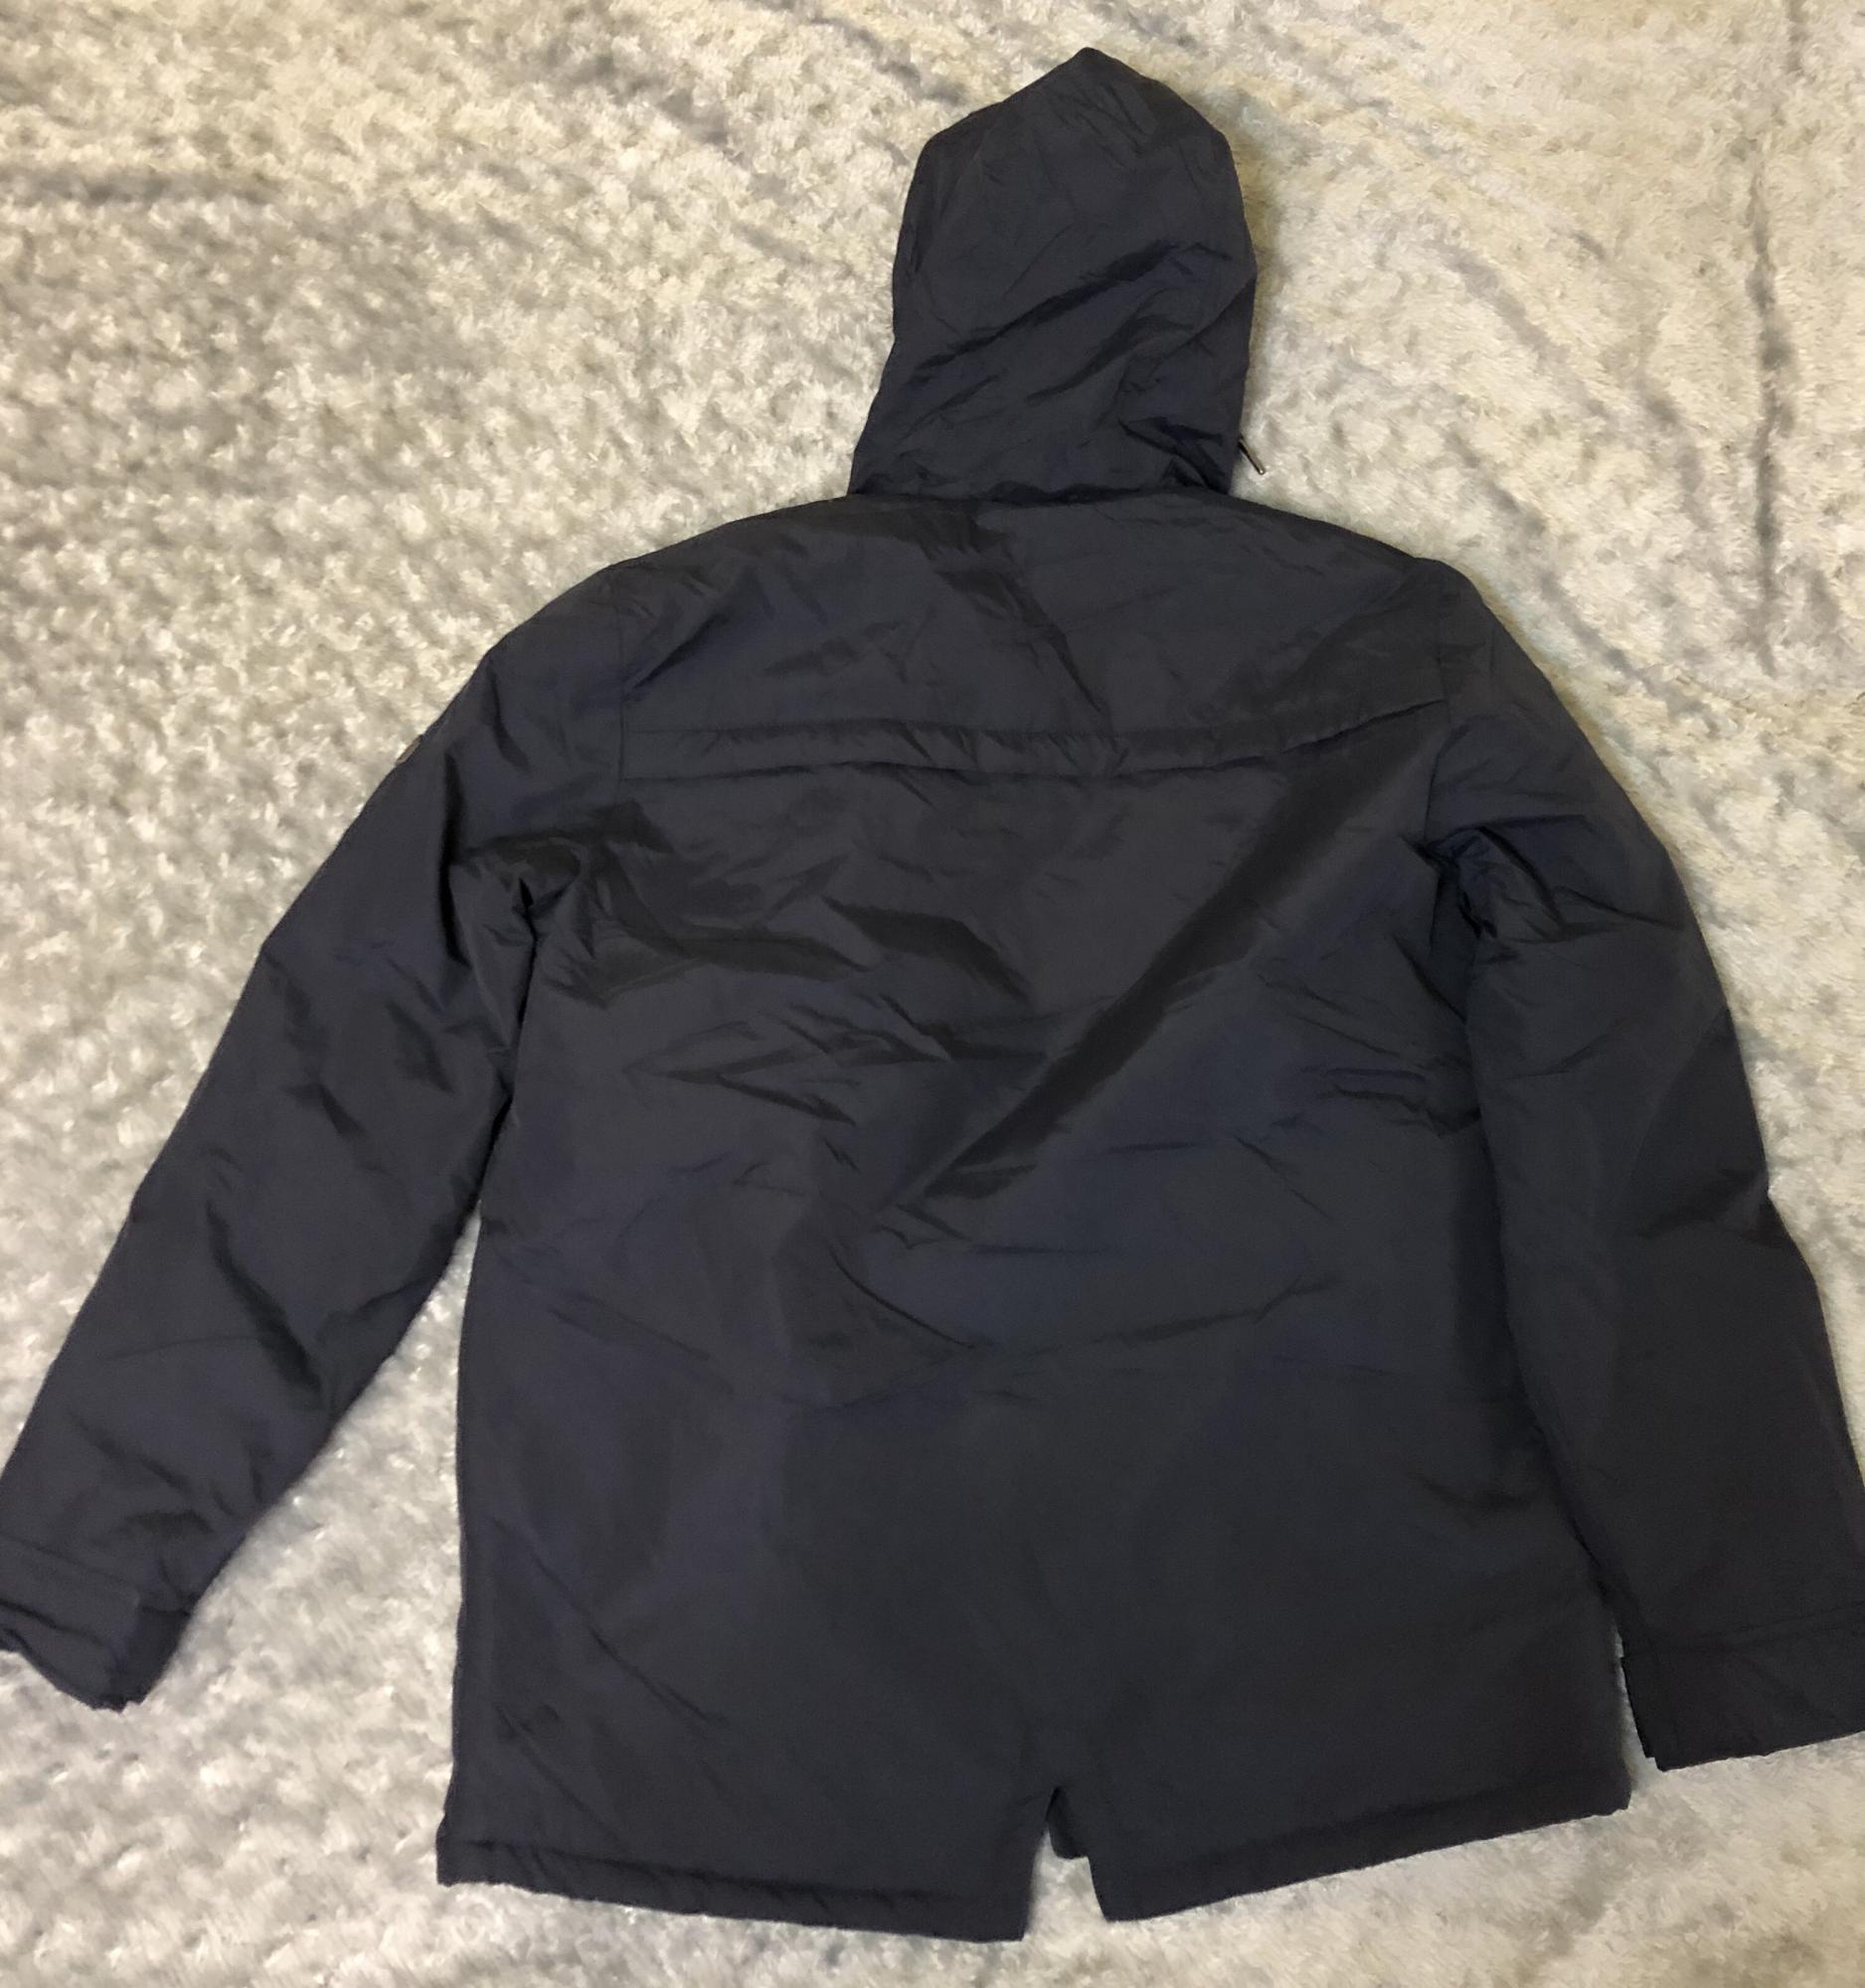 Мужская куртка Zolla, с капюшоном в Москве 89256096656 купить 7